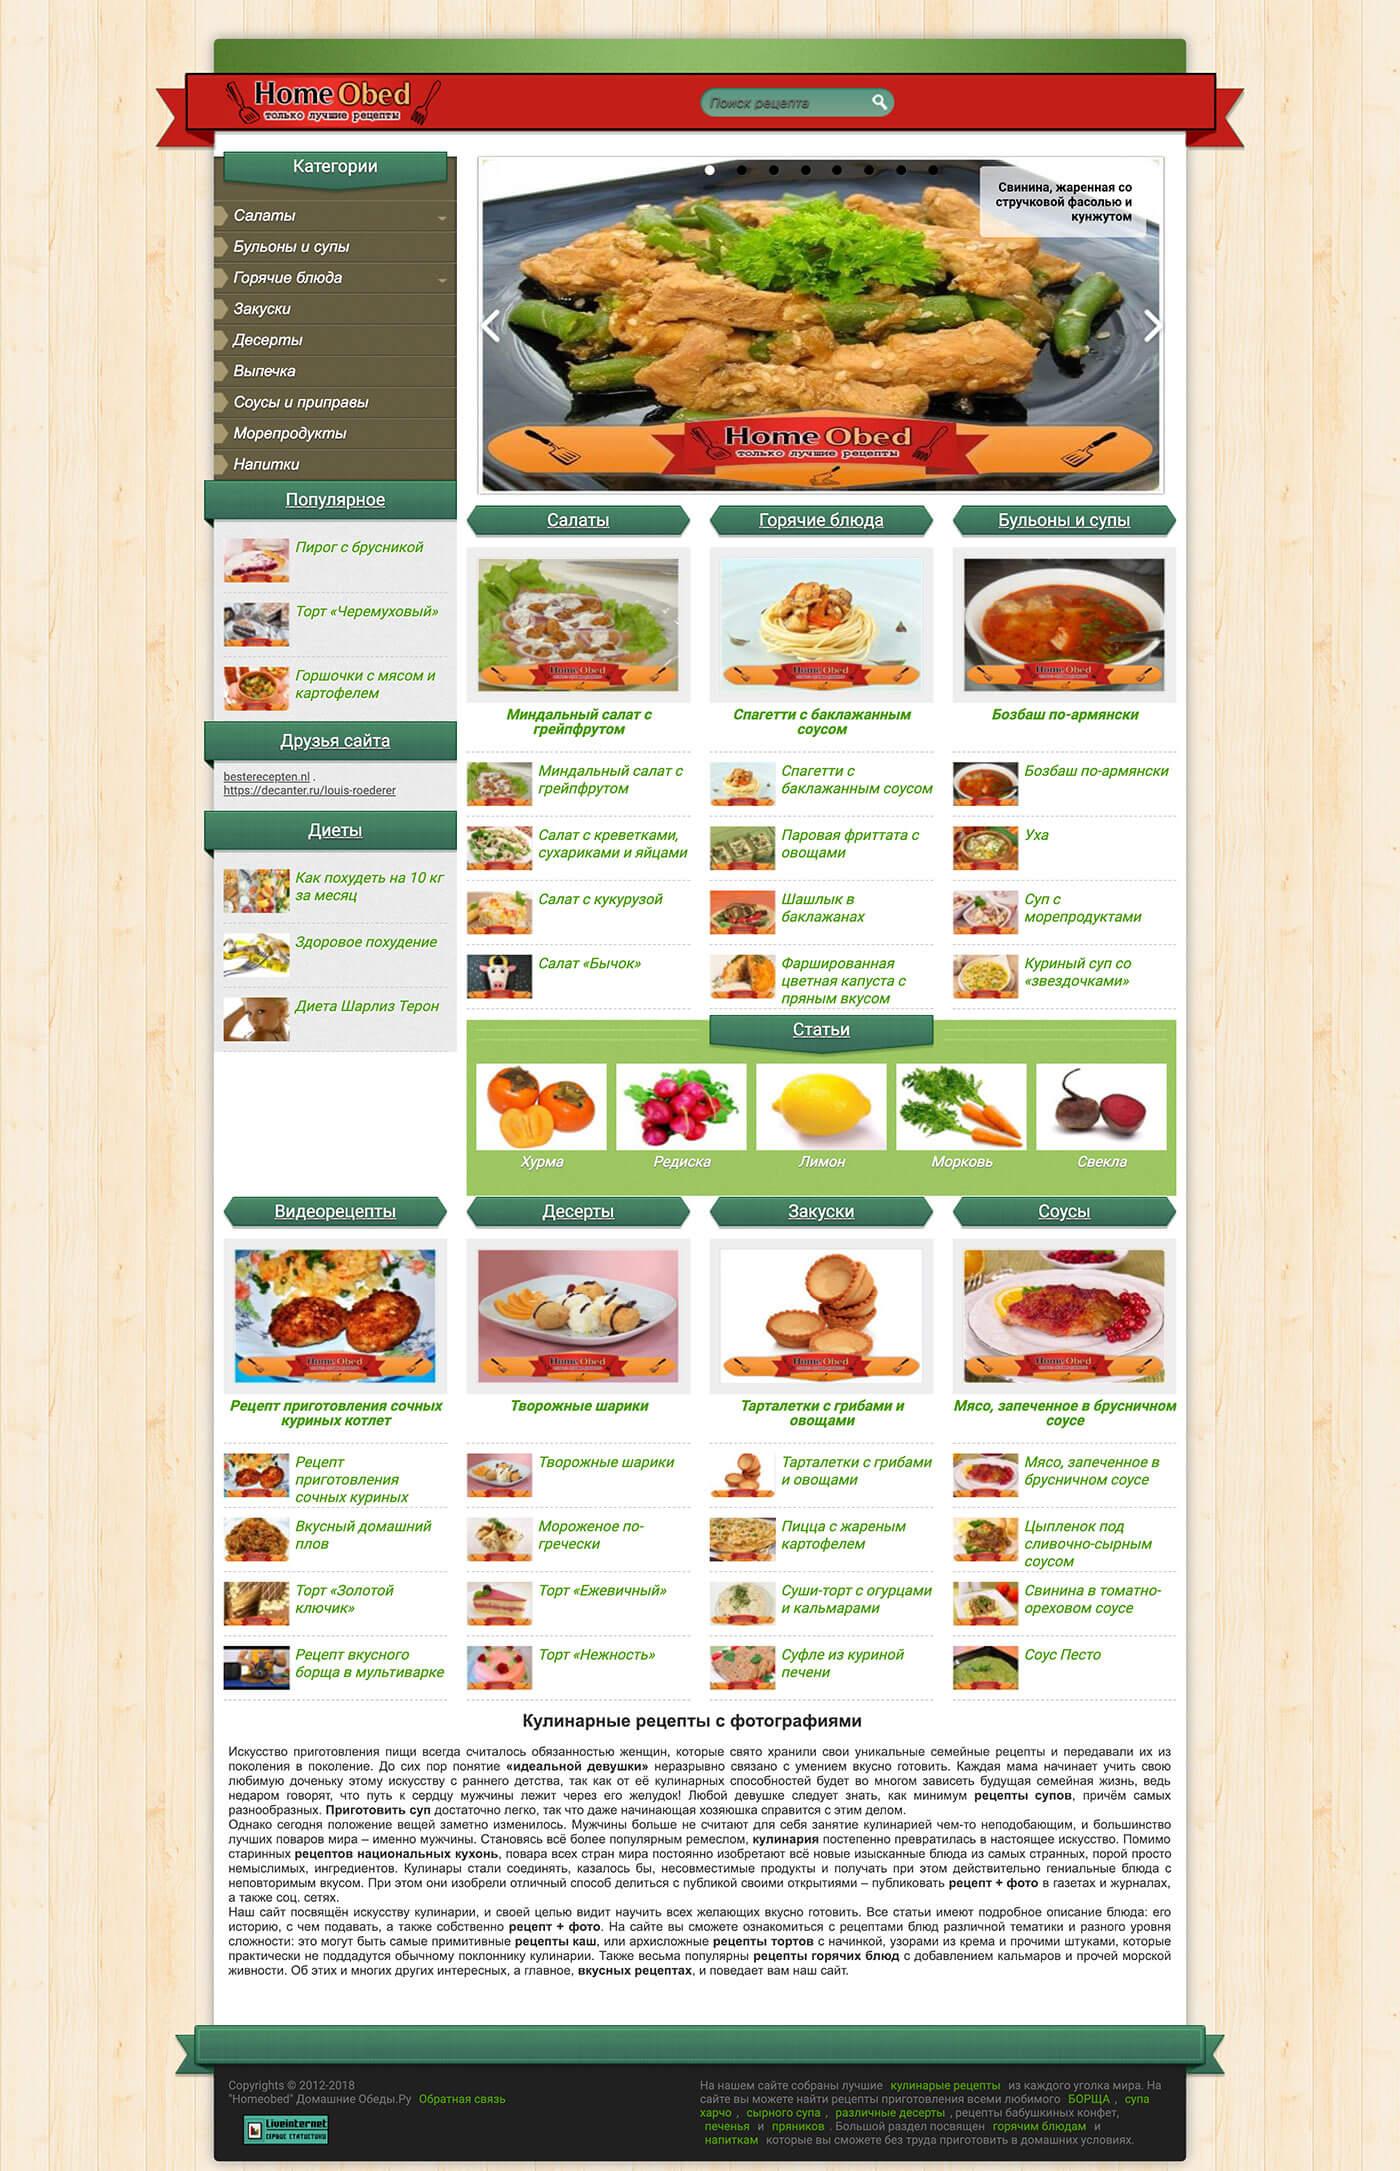 Сайт кулинарных рецептов Home Obed